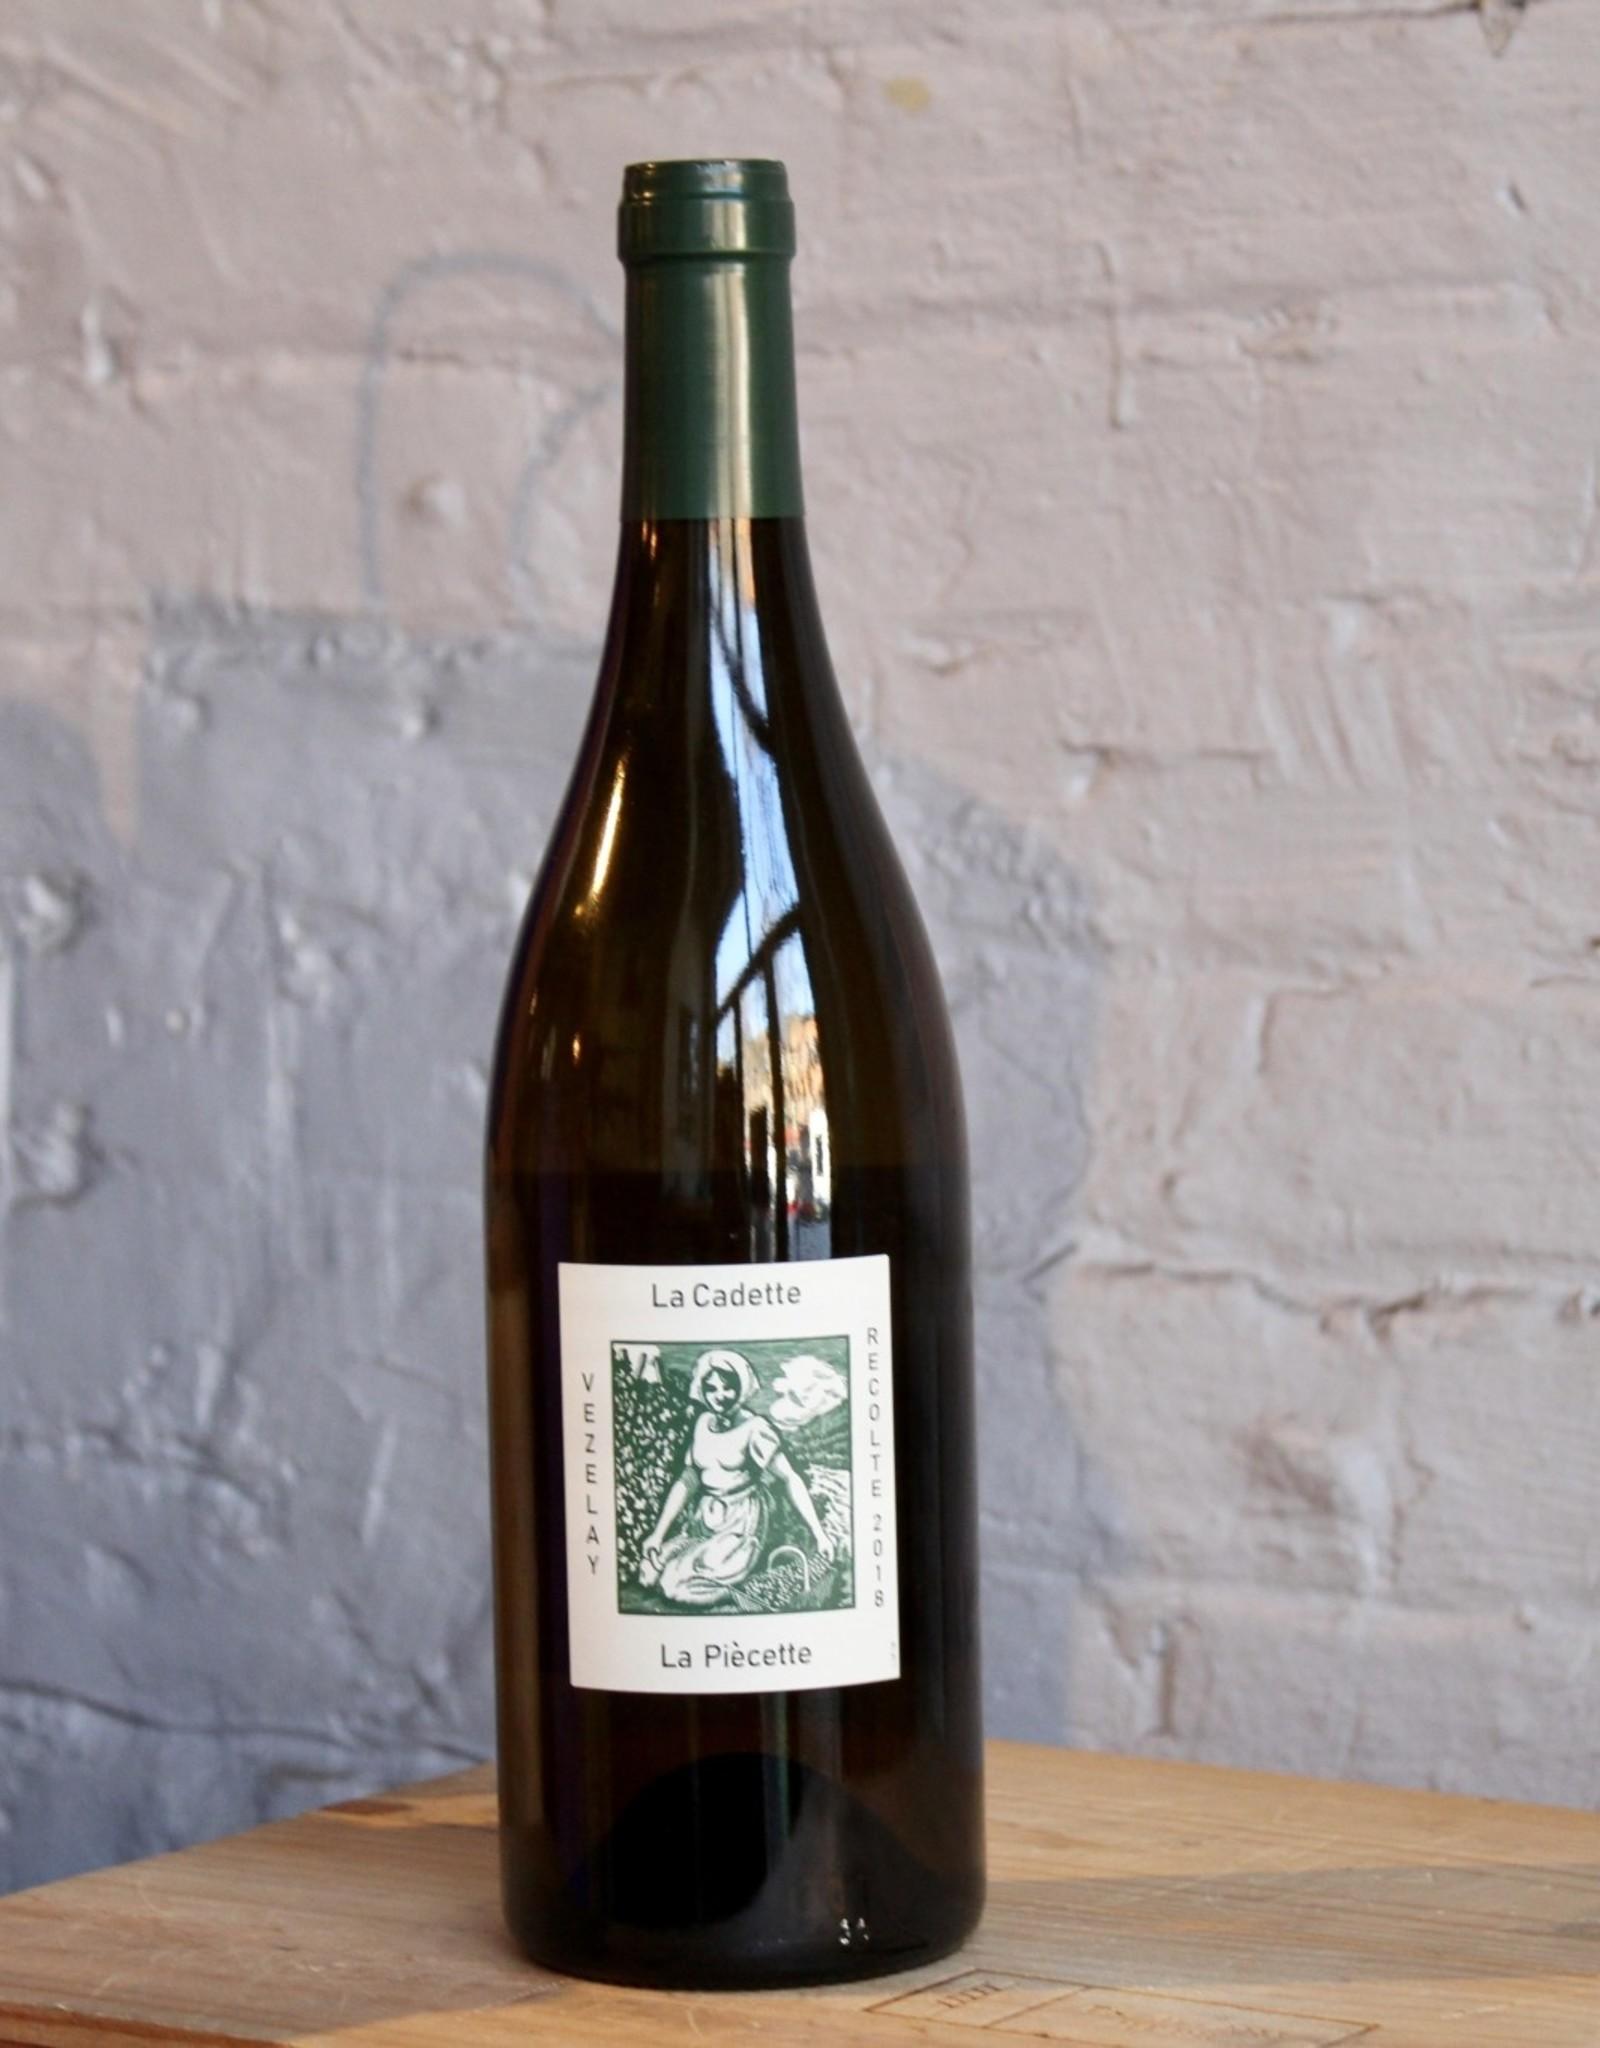 Wine 2018 La Cadette Vezelay La Piecette - Burgundy, France (750ml)